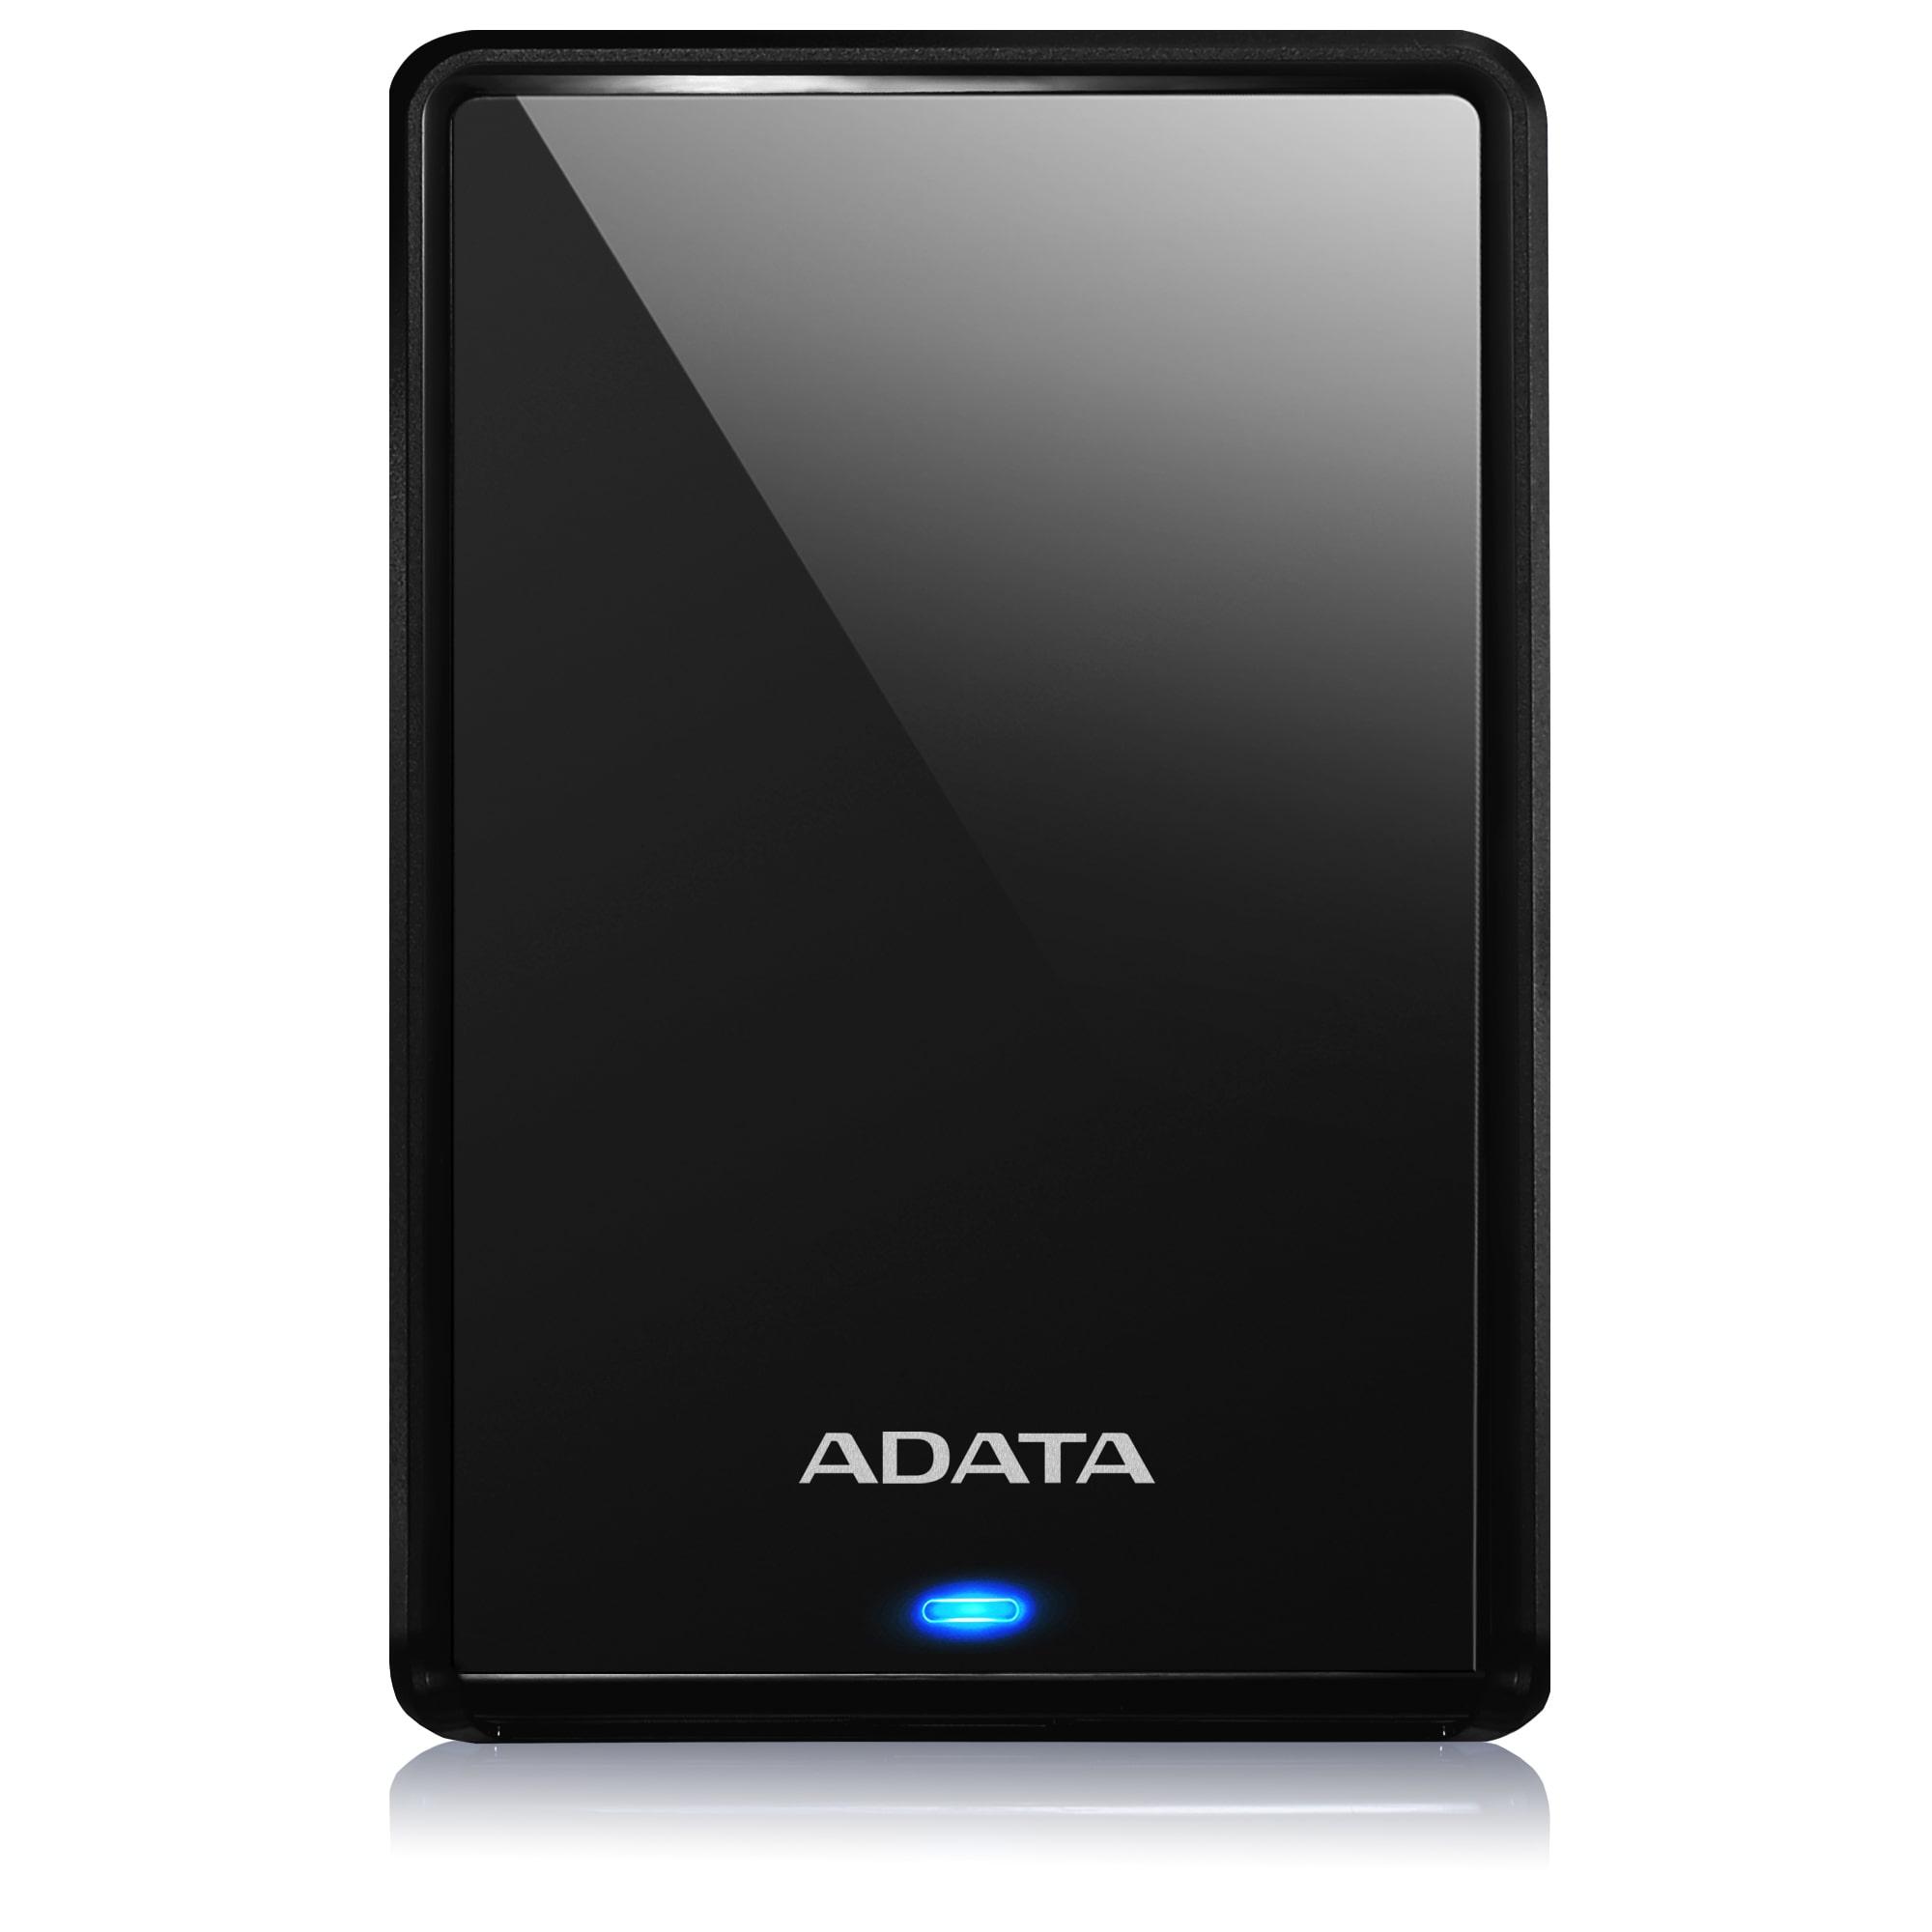 Hv620s - Hard Drive - 2 TB - External (portable) - USB 3.0 - Black